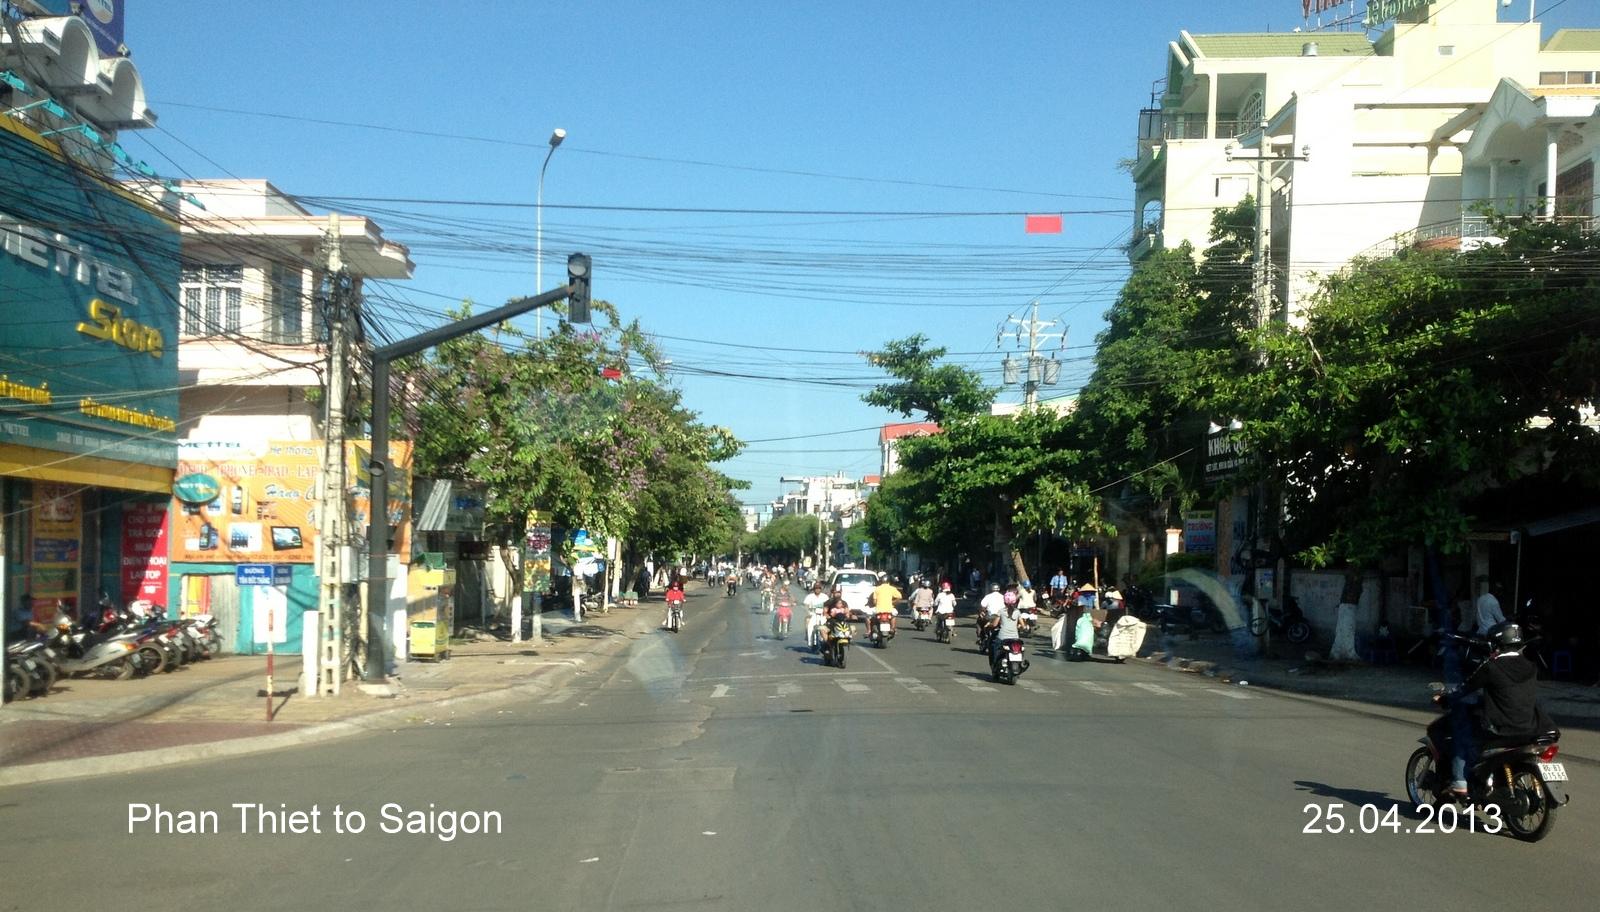 Phan Thiet Vietnam  city images : Jan Martin's Travel Blog: Vietnam Phan Thiet to Saigon April 2013